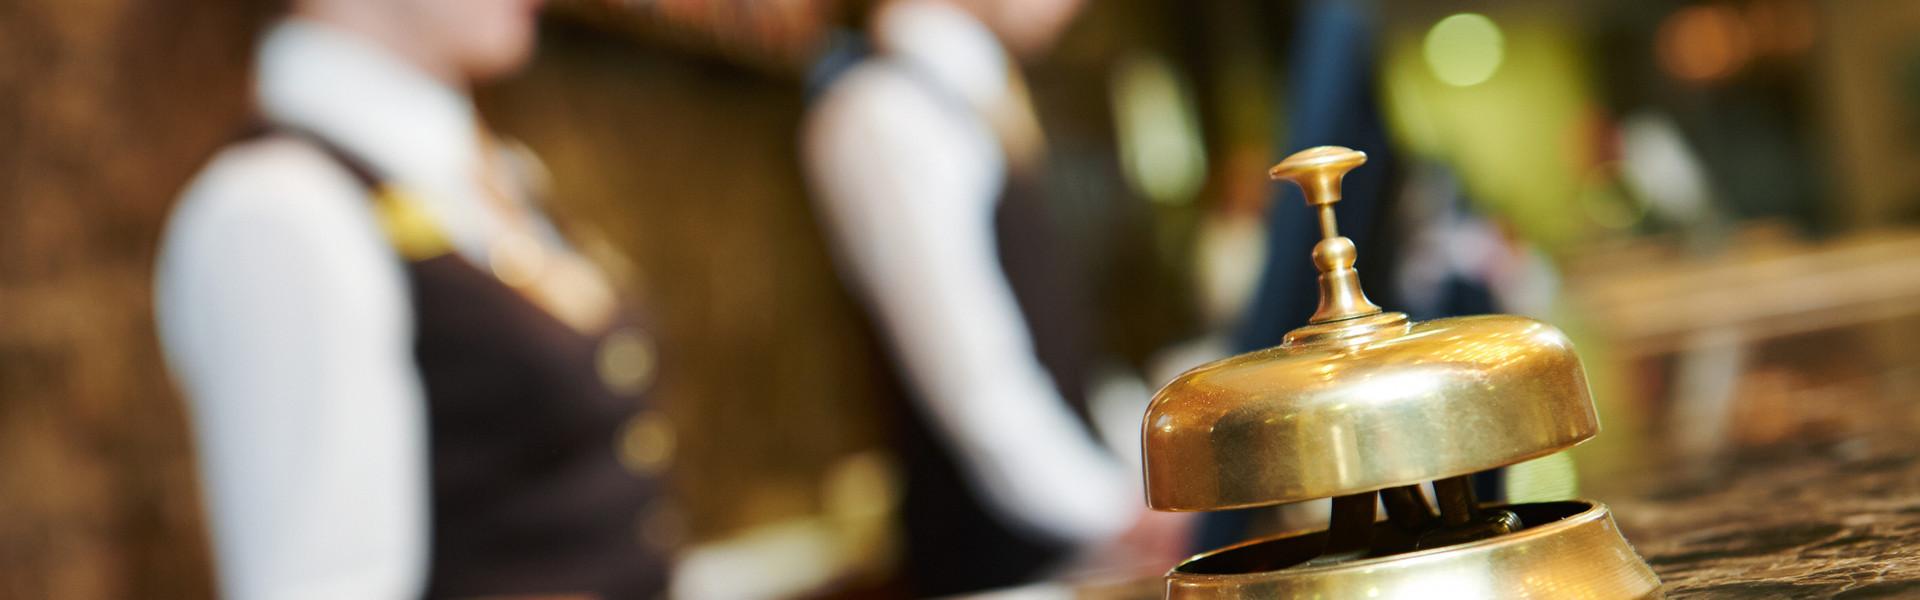 Concierge Lounge at a Las Vegas NV Hotel and Resort | Westgate Las Vegas Resort & Casino